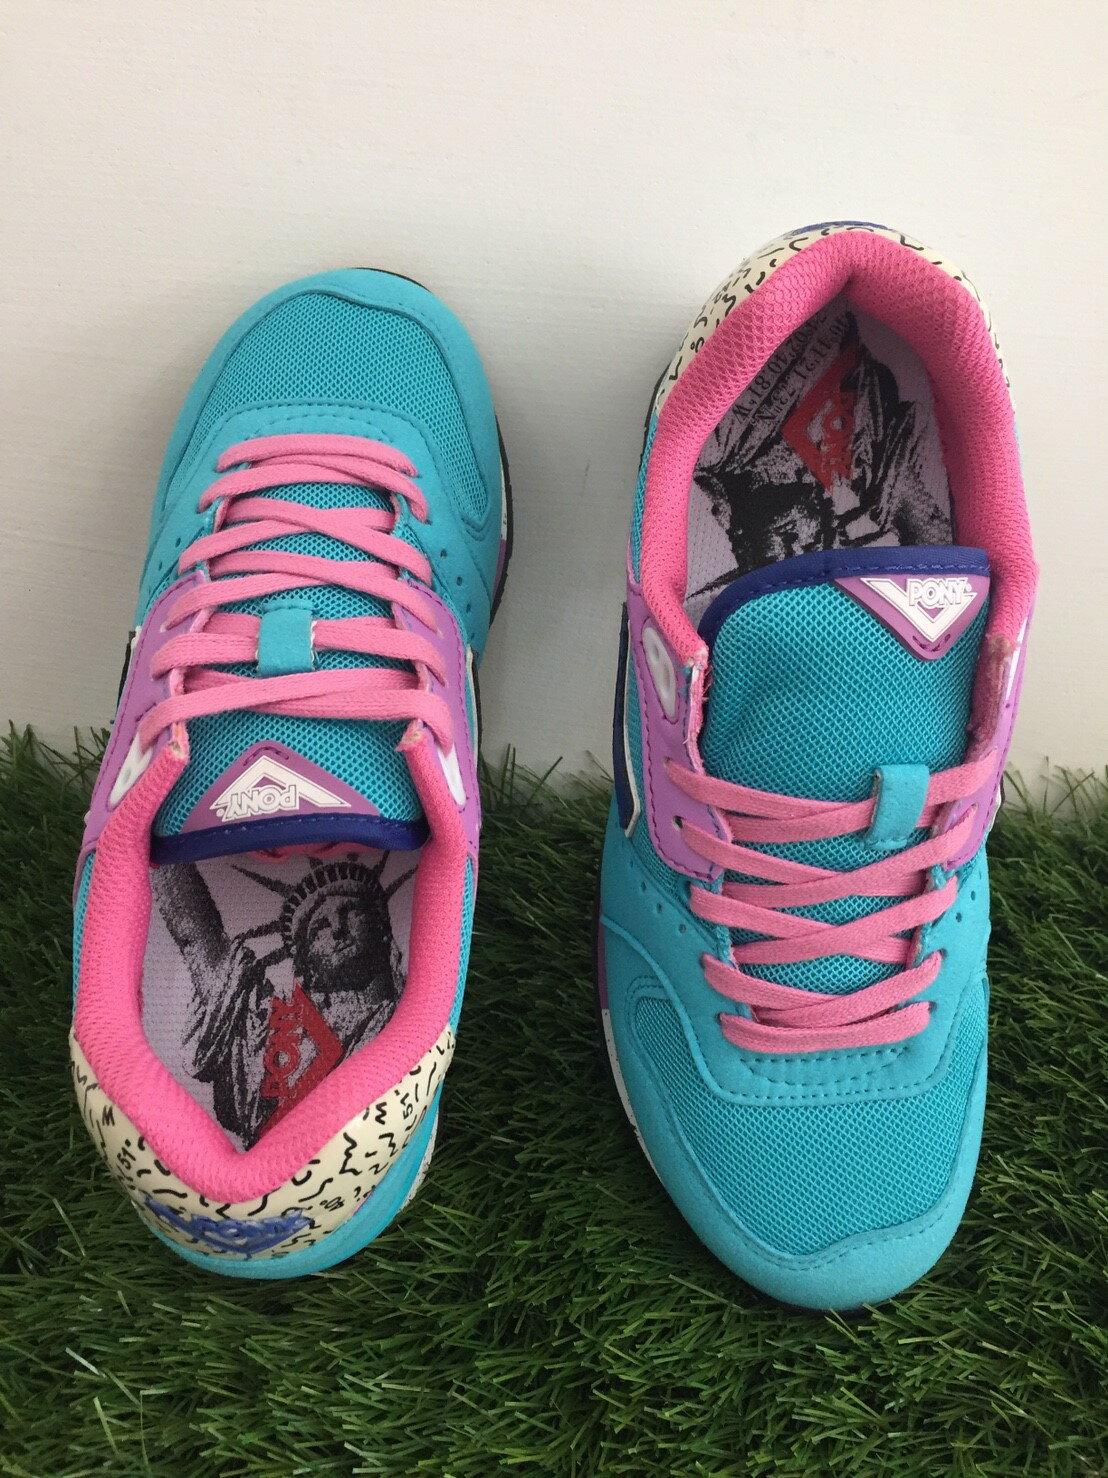 ★限時特價990元★ Shoestw【53W1MK65CB】PONY 復古慢跑鞋 內增高 水藍粉色 女生 1